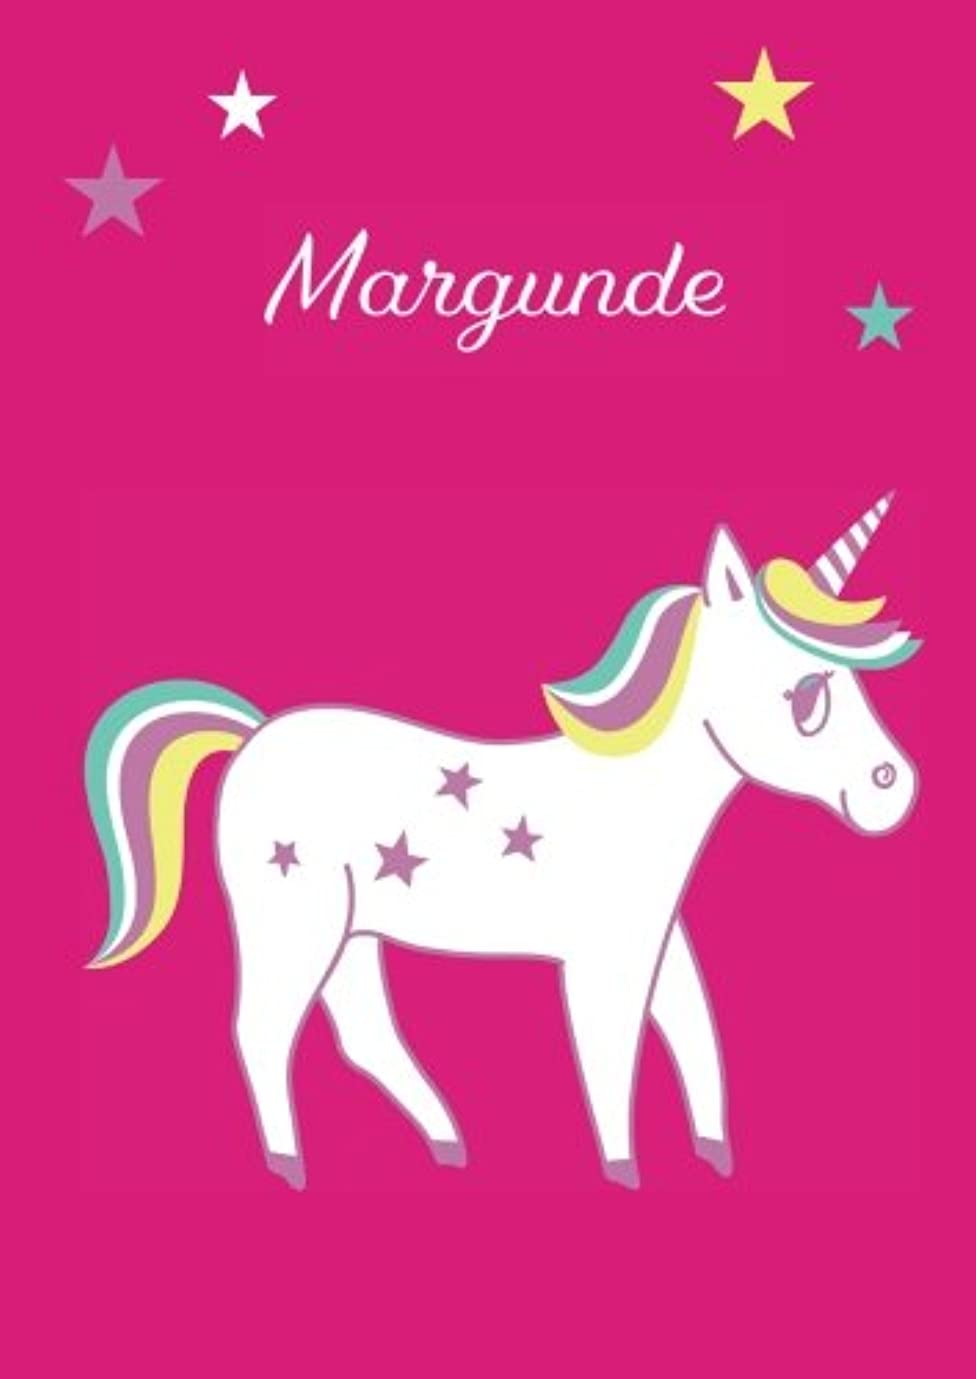 曖昧な宇宙宇宙飛行士Margunde: Einhorn Malbuch / Tagebuch / Notizbuch - DIN A4 - blanko